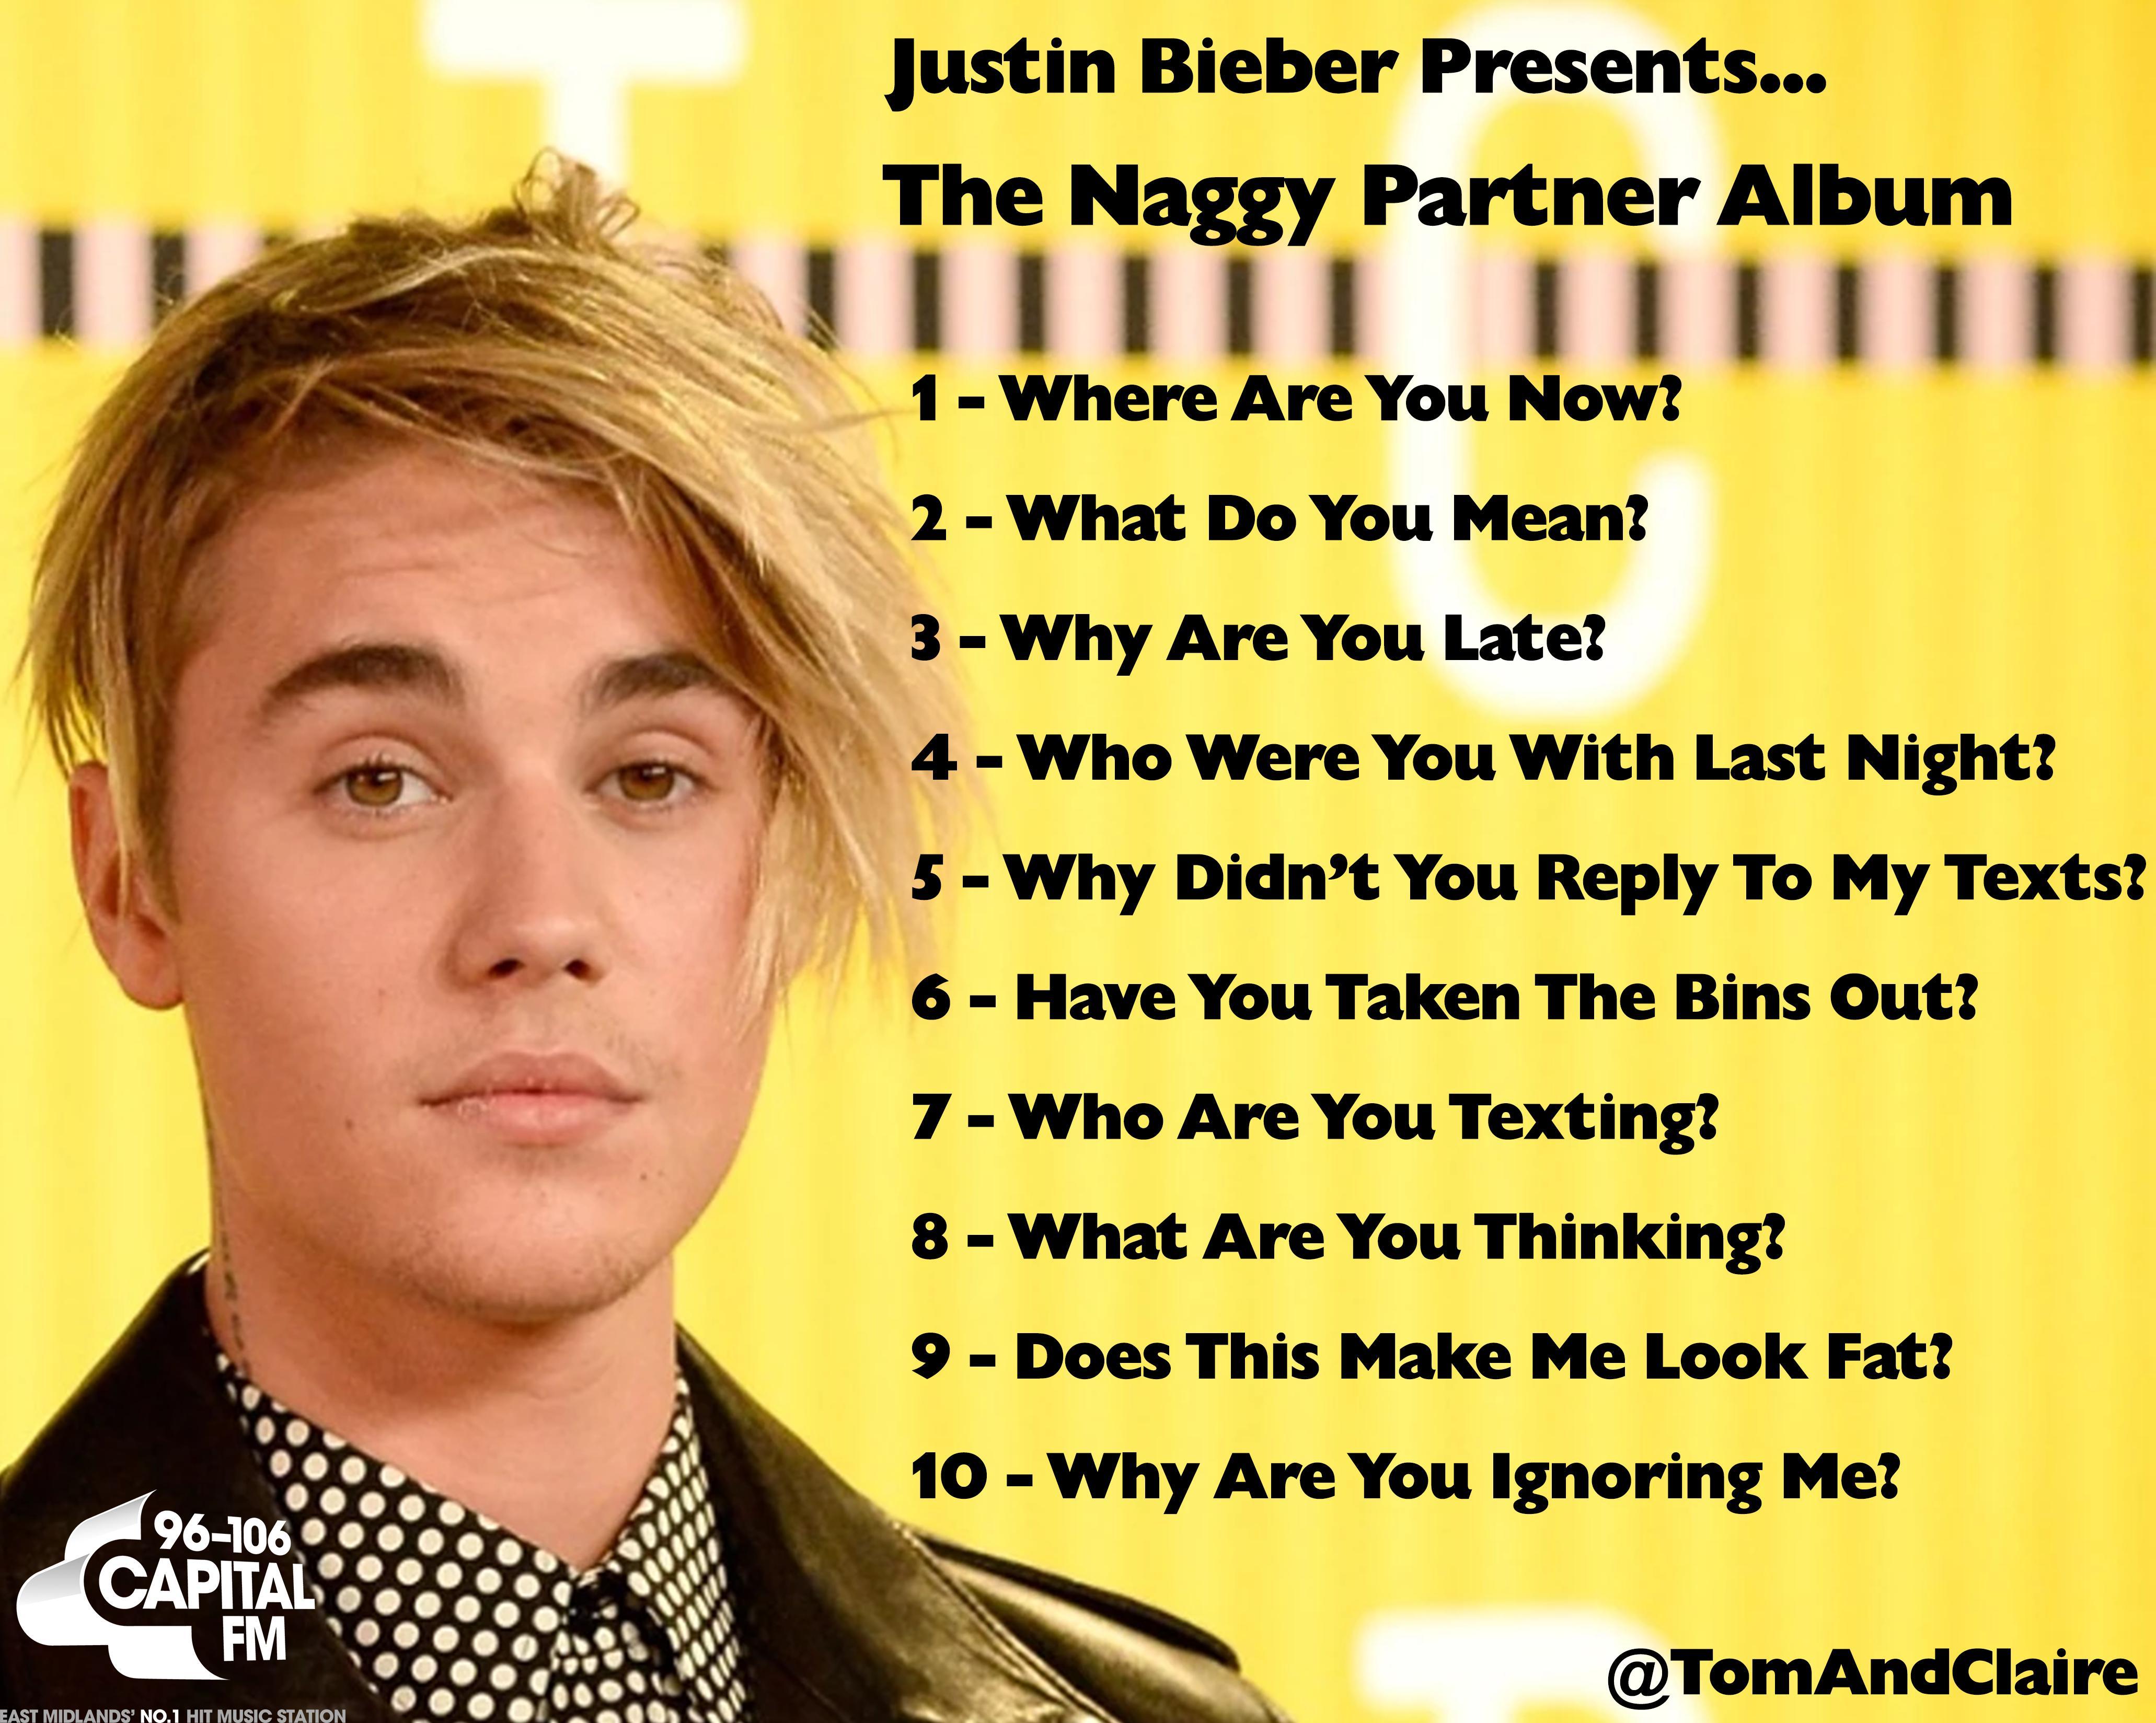 Fake Bieber album